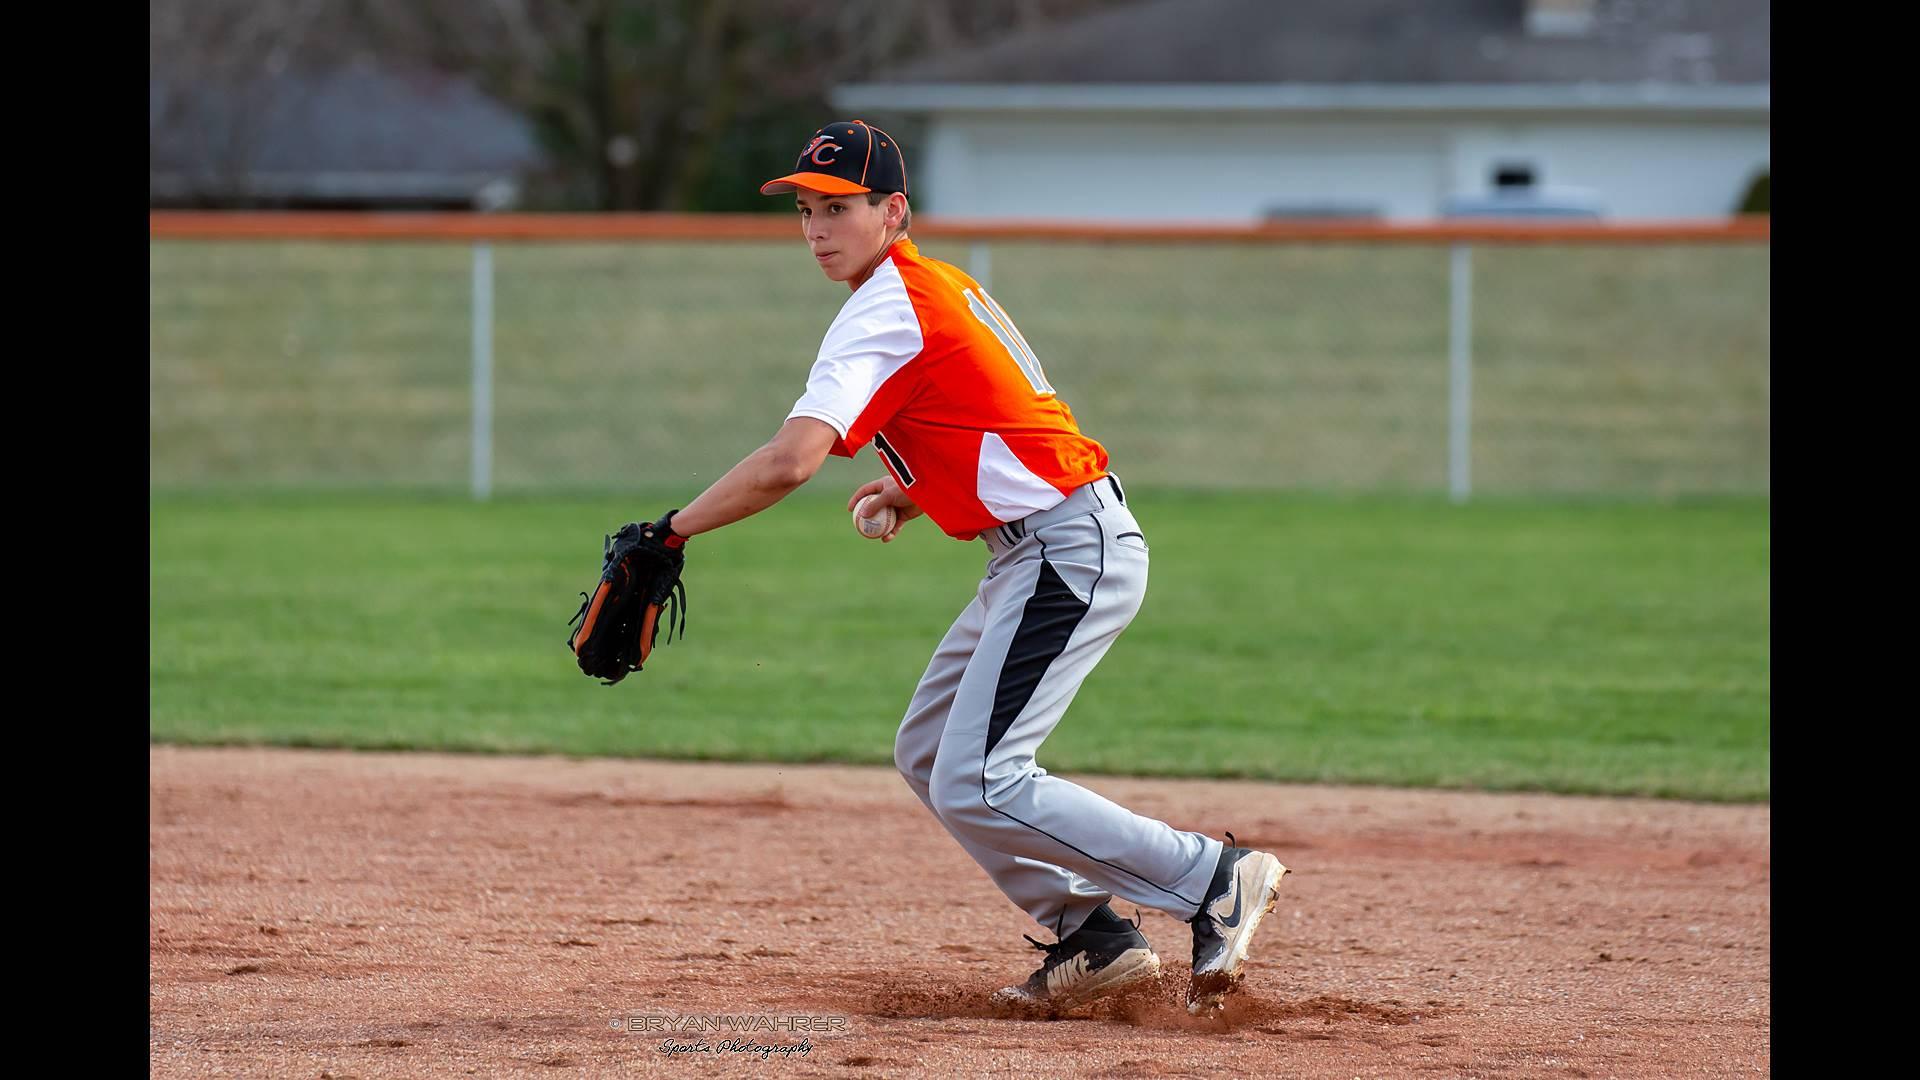 baseball infielder going for the ball